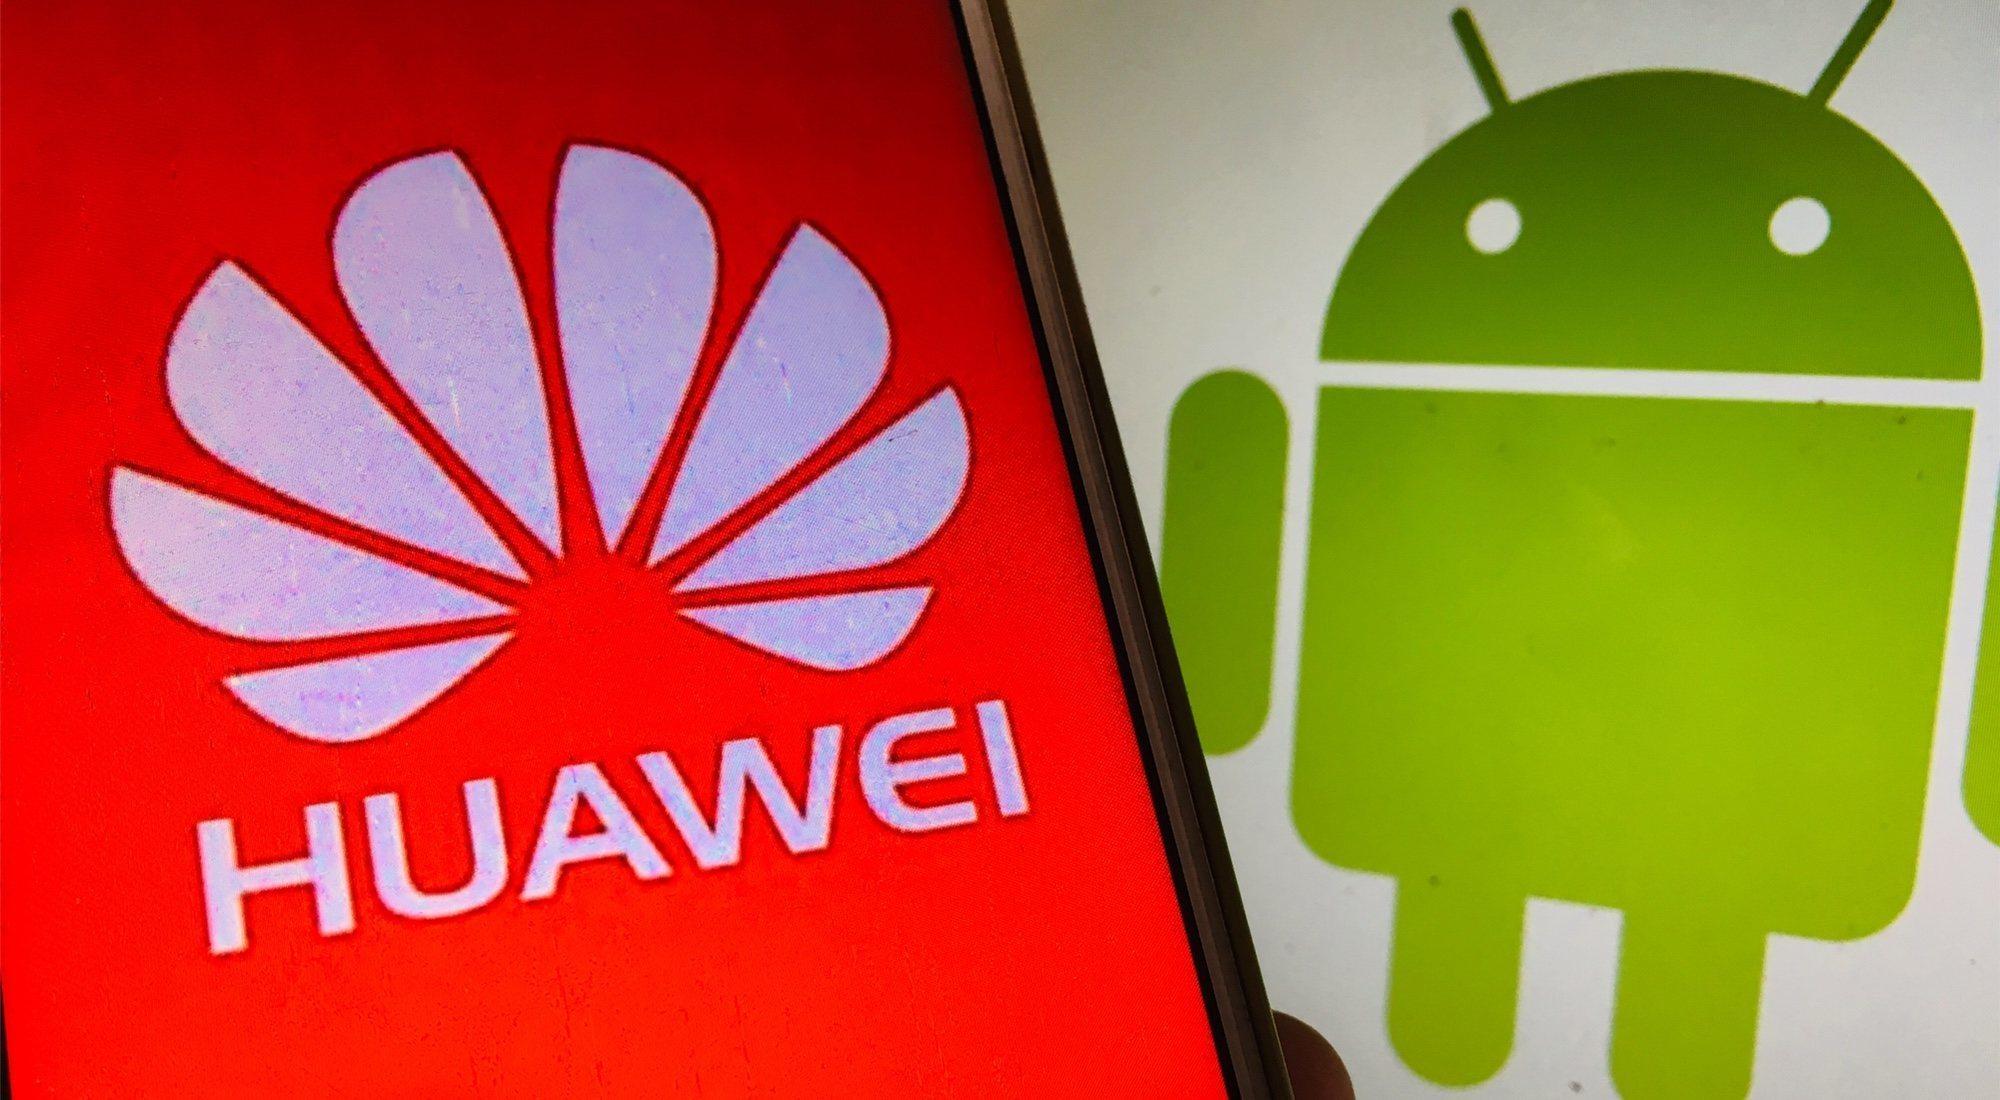 Huawei Android-dən uzaqlaşmağa başlayır: Mate 30 seriyasında Google tətbiqetmələri olmayacaq 1